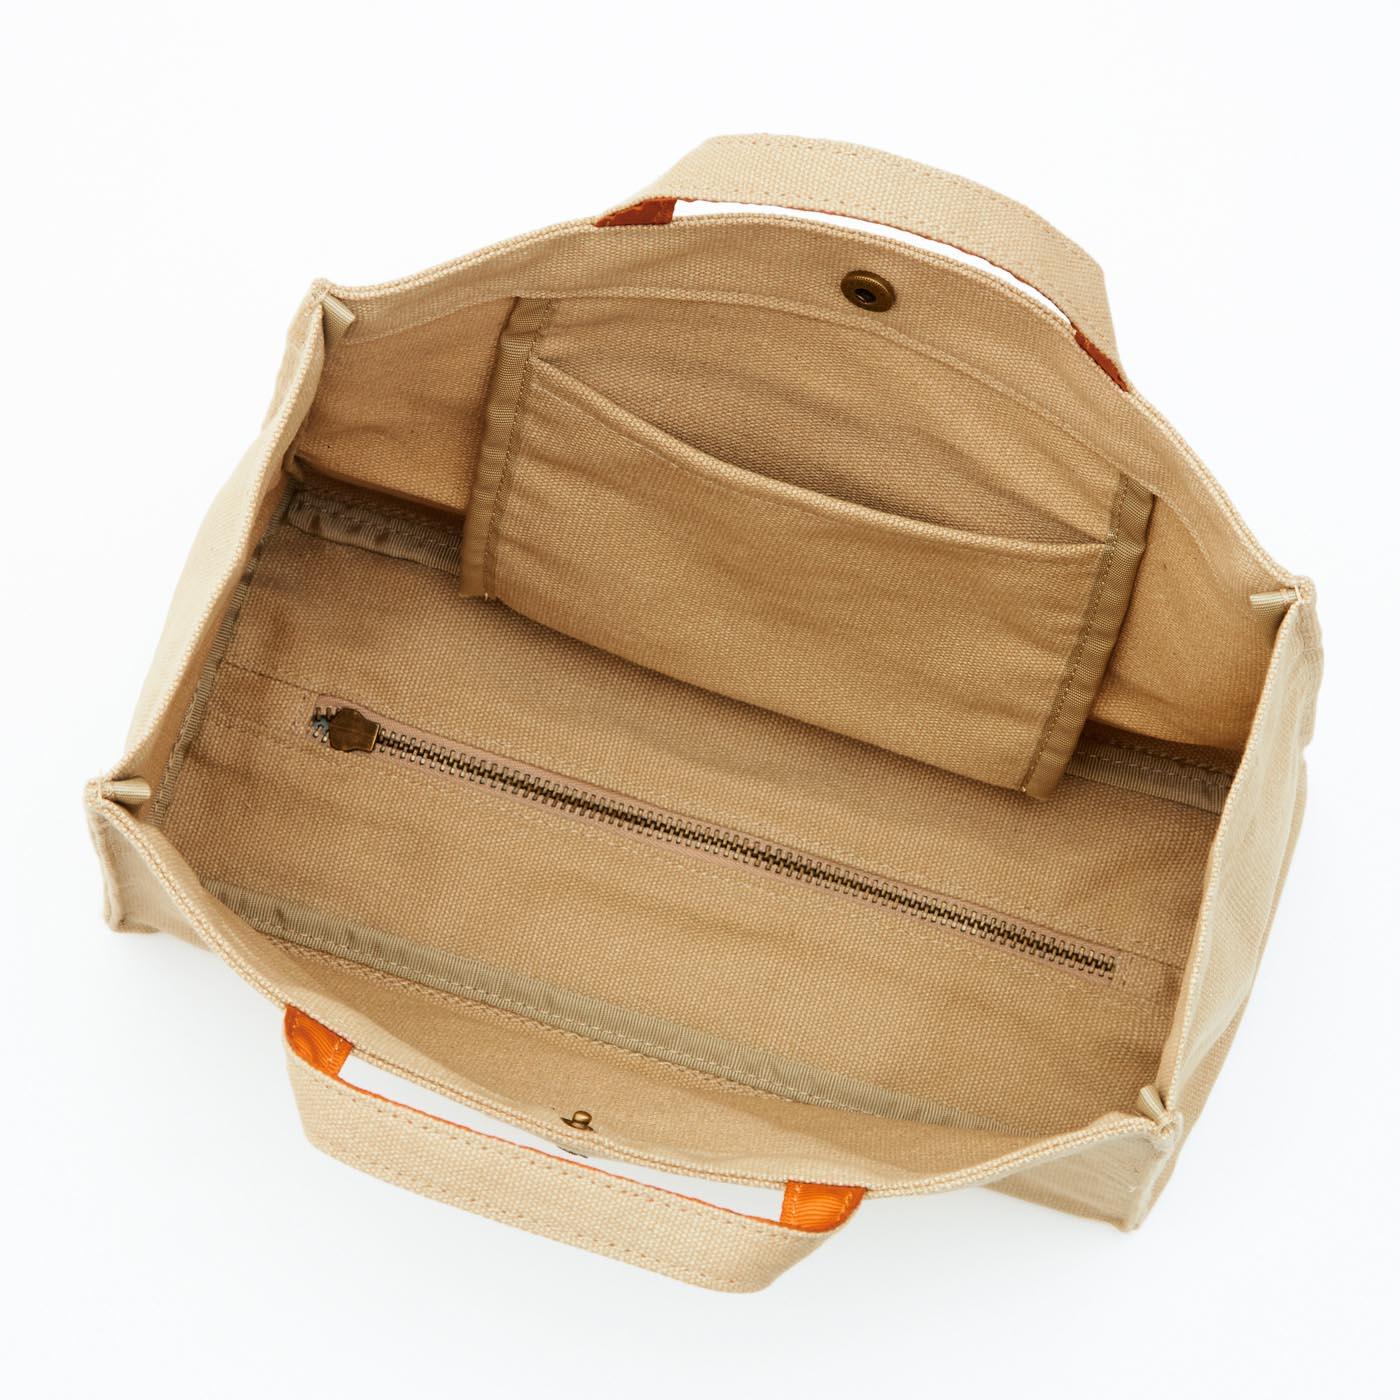 こまごま物も収納できる便利な内ポケット付き。 底のファスナーをが便利な秘けつ。開き具合いの調節ができます。